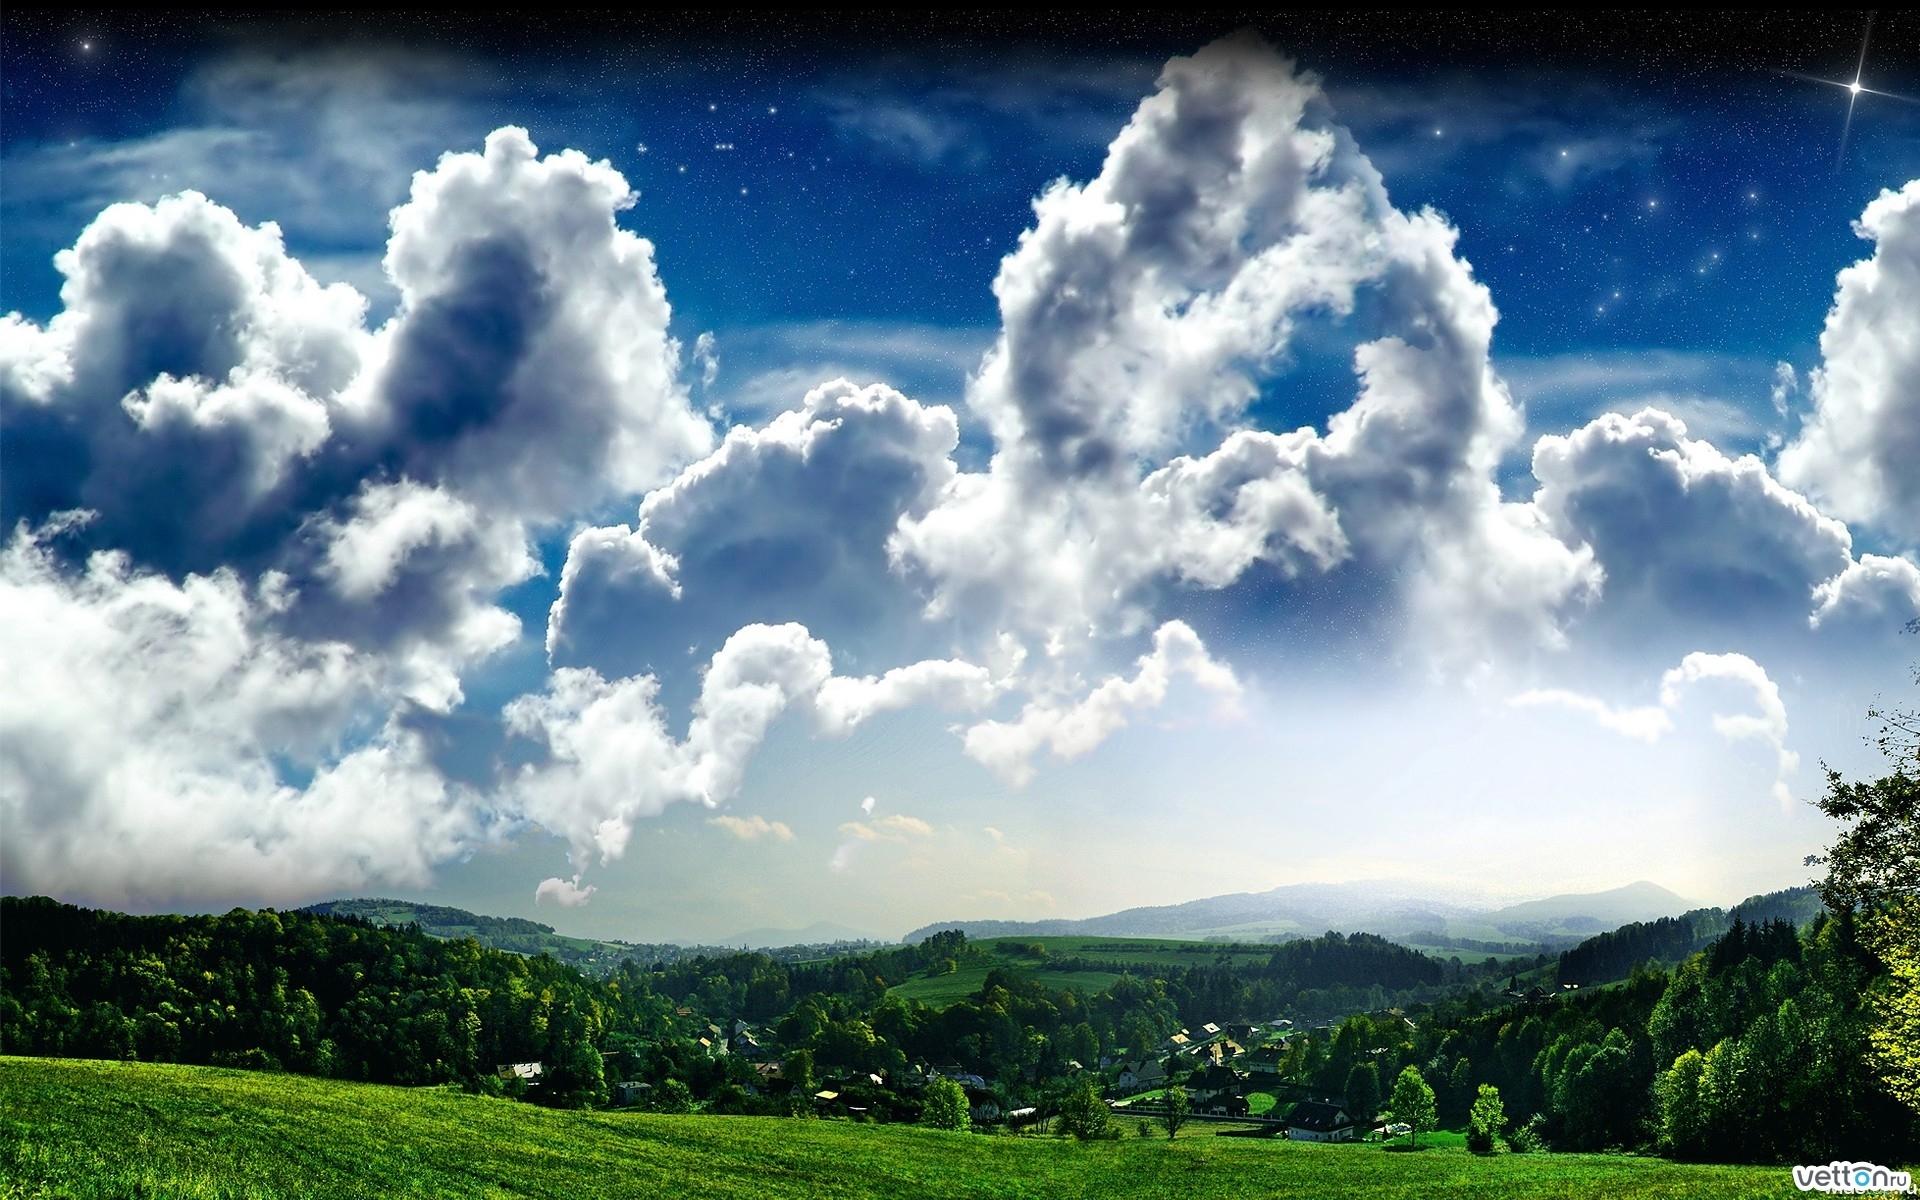 25784 скачать обои Пейзаж, Поля, Небо, Звезды, Облака - заставки и картинки бесплатно